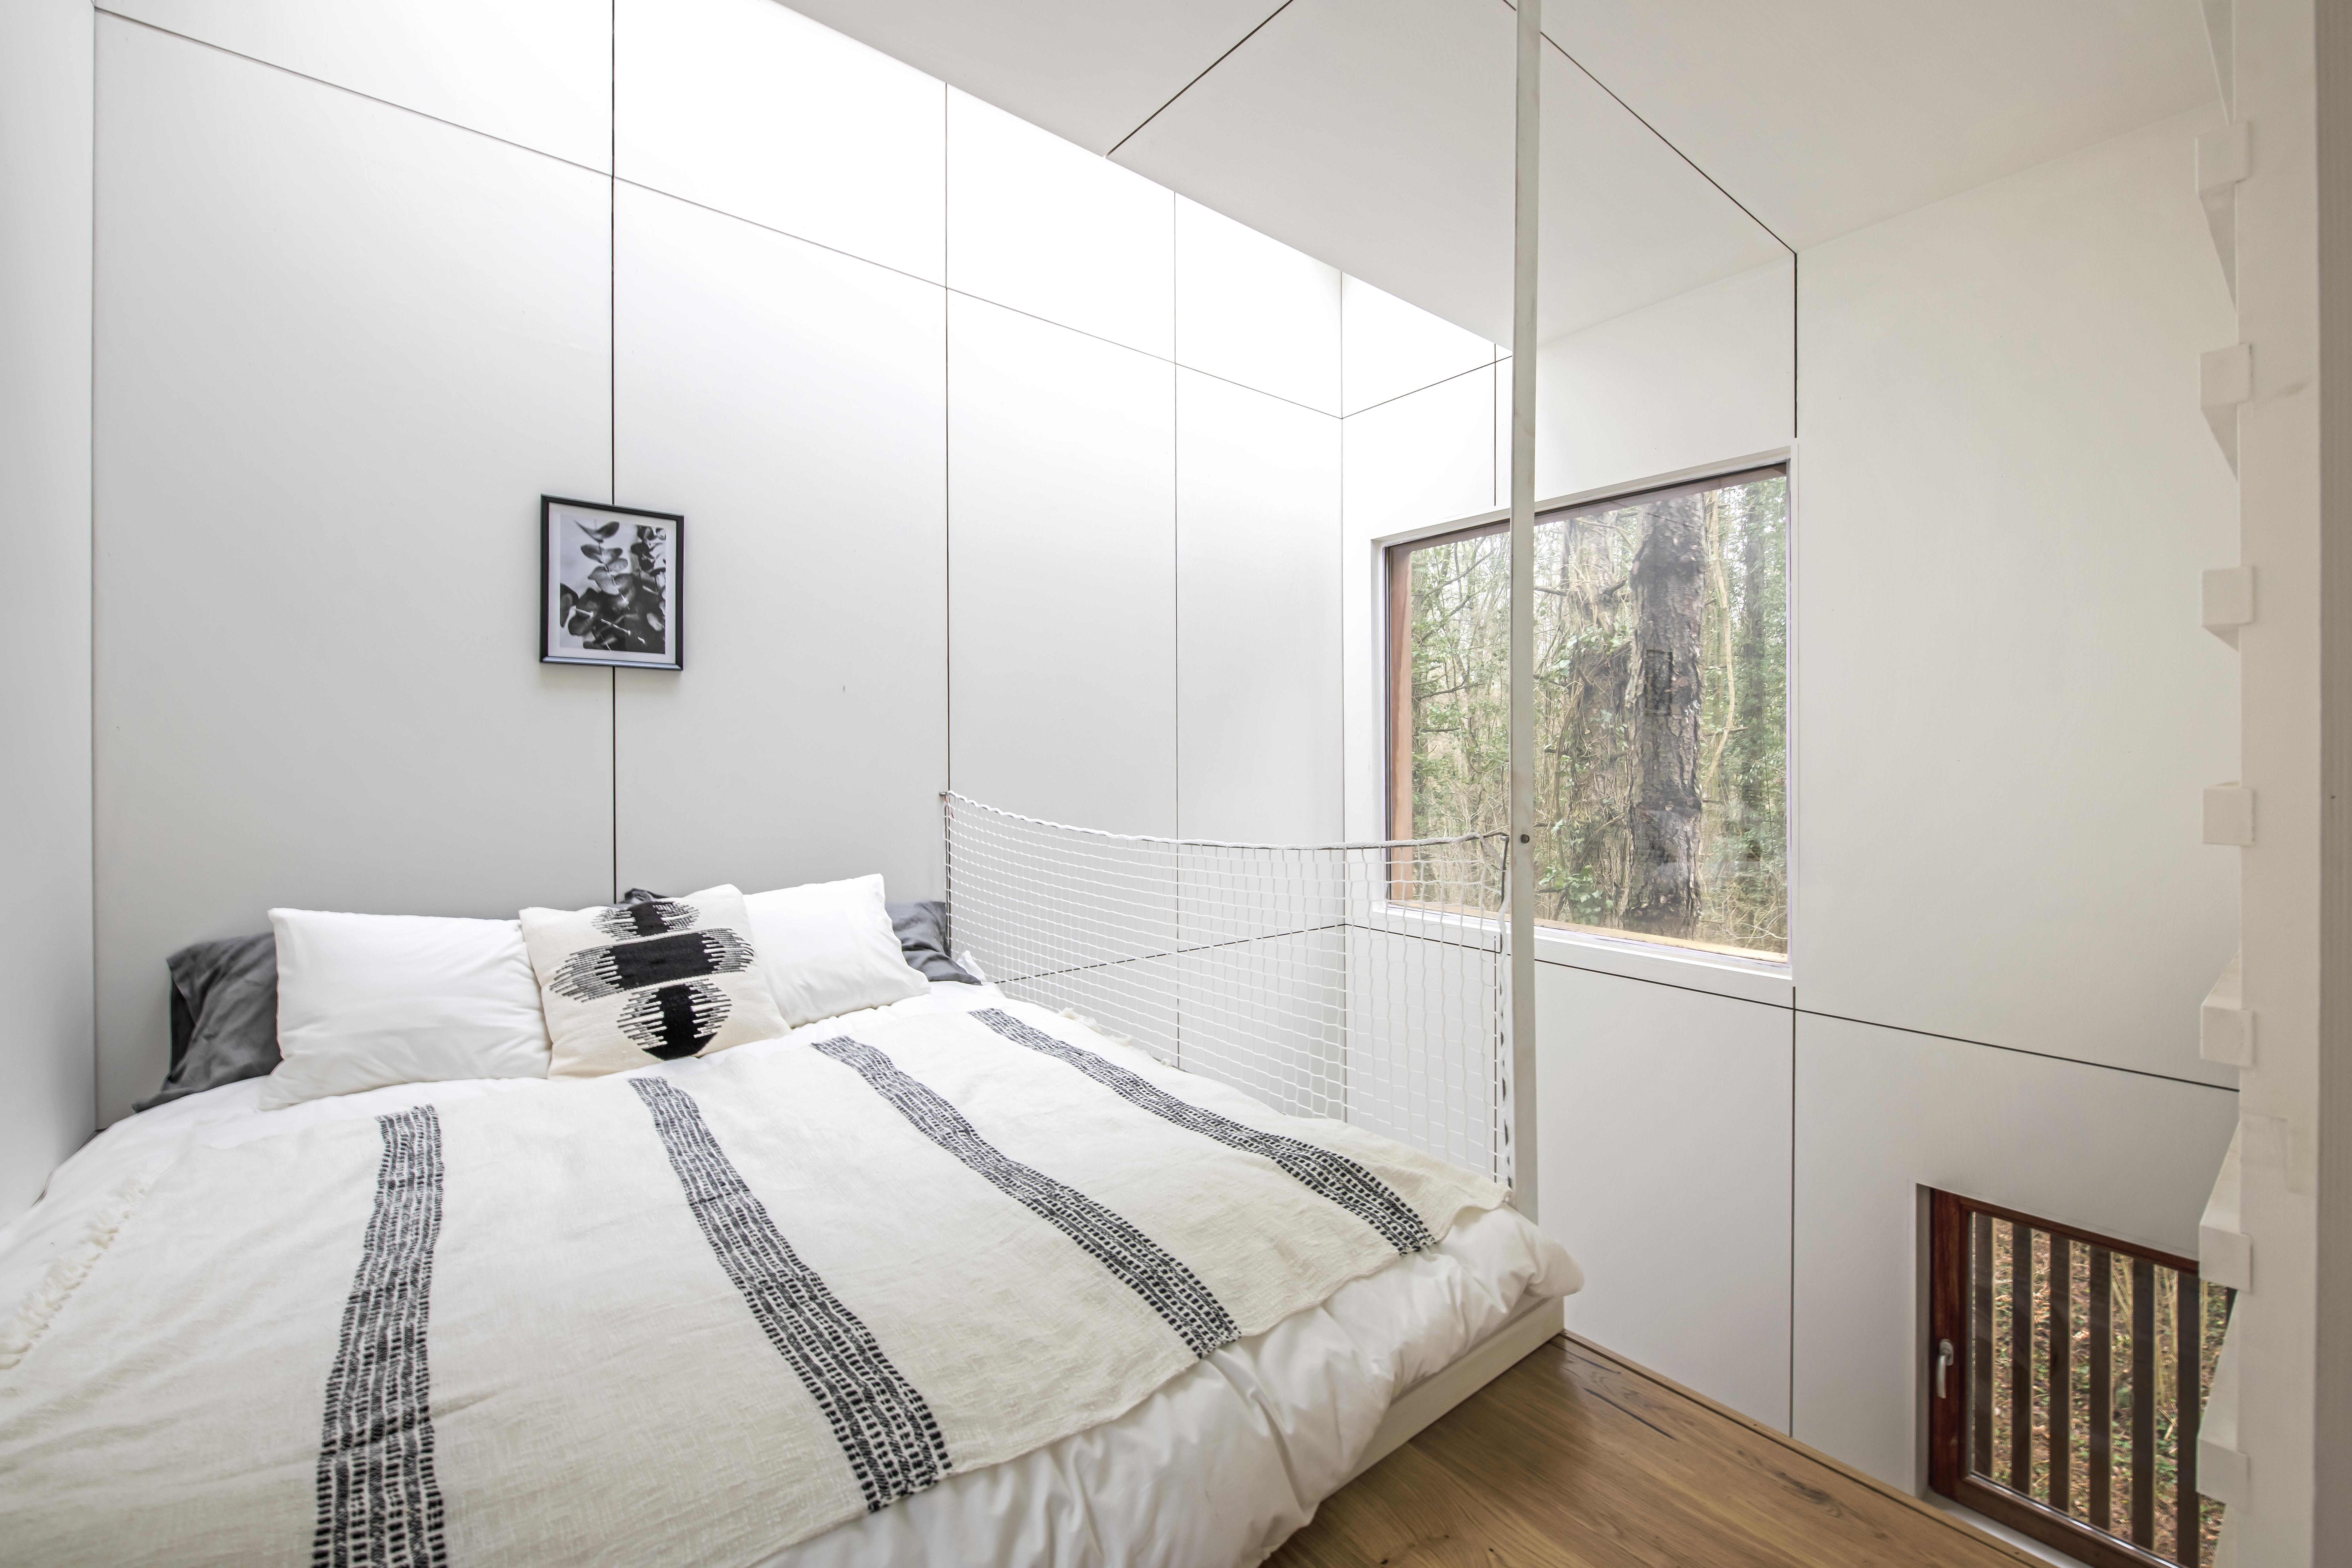 wit interieur met een bed en mezanine